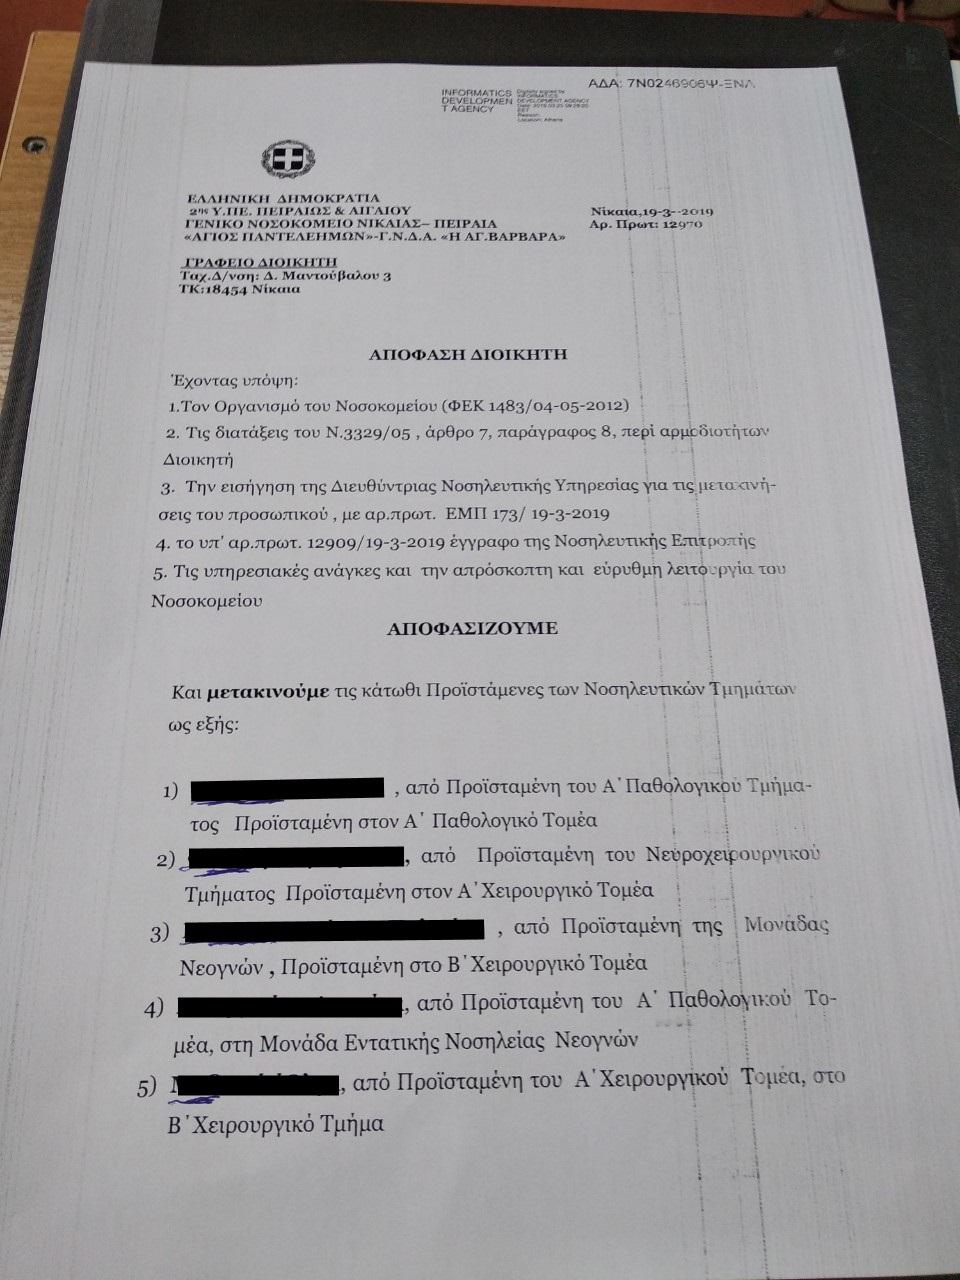 ΠΟΕΔΗΝ: Καρατόμηση 7 προϊσταμένων νοσηλευτών στη Νίκαια από τον «διπλοθεσίτη – Διοικητή» - Φωτογραφία 2